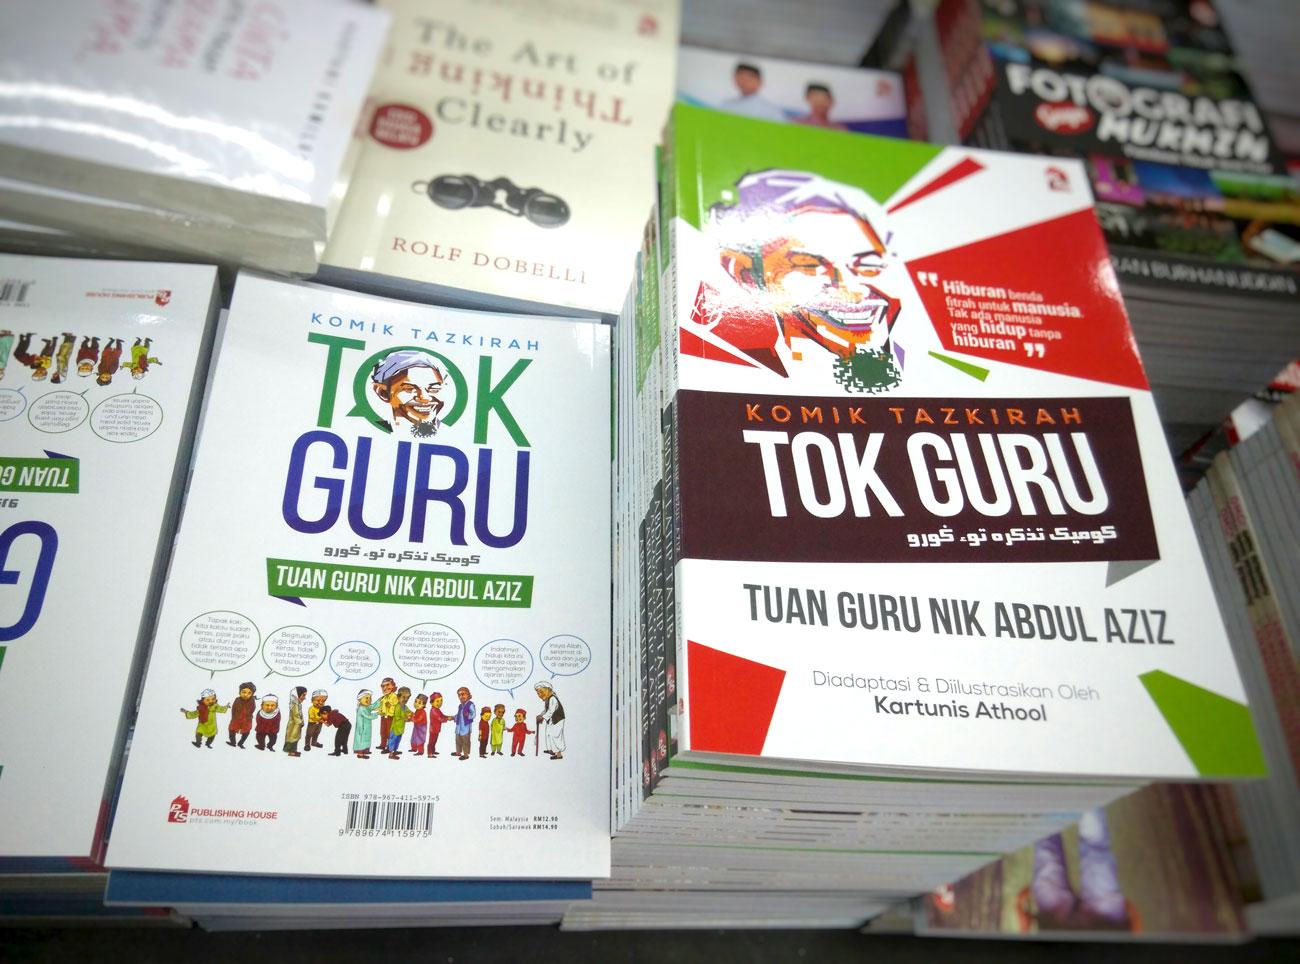 Komik Tazkirah Tok Guru - Tuan Guru Nik Abdul Aziz